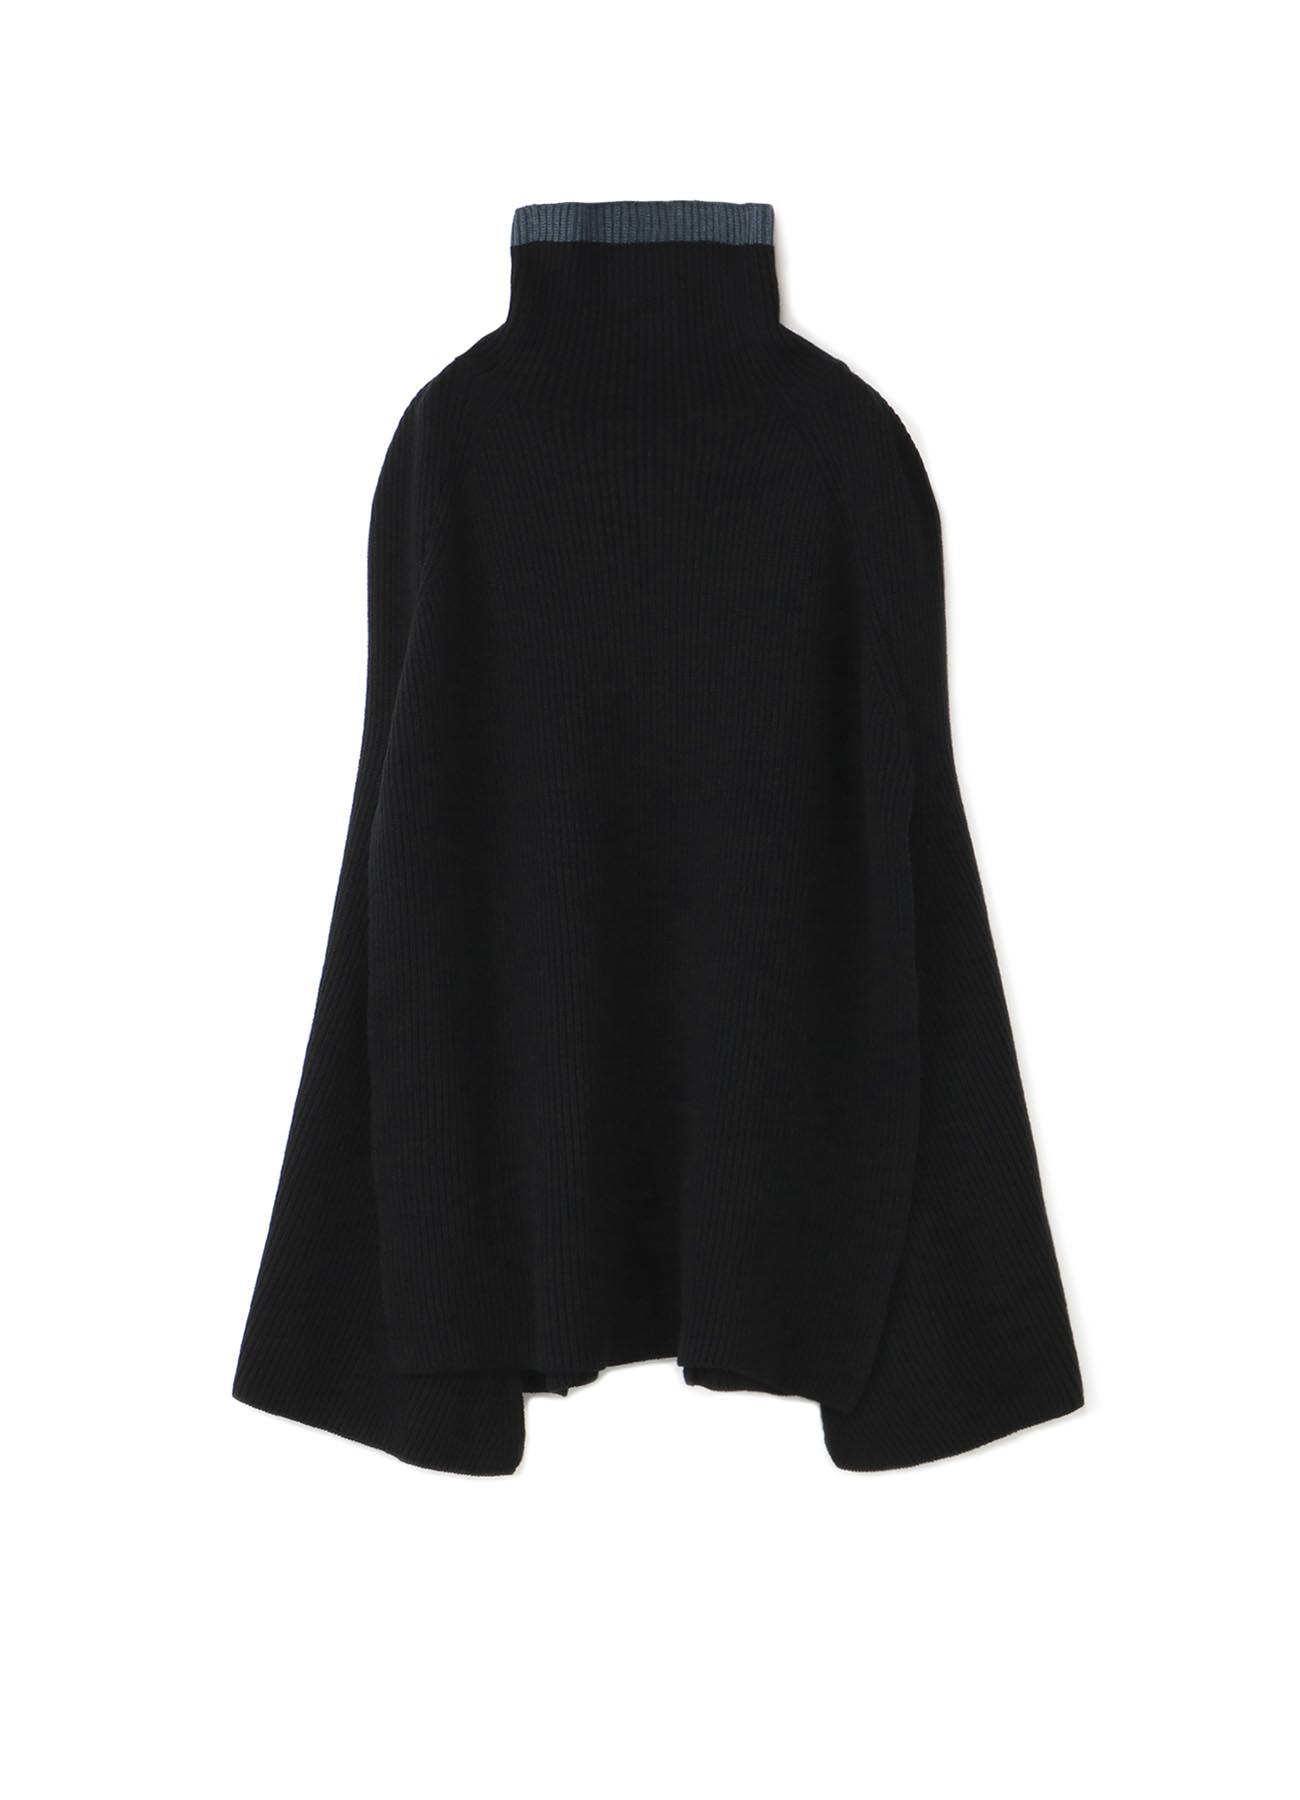 RISMATbyY's 高领斗篷毛衣